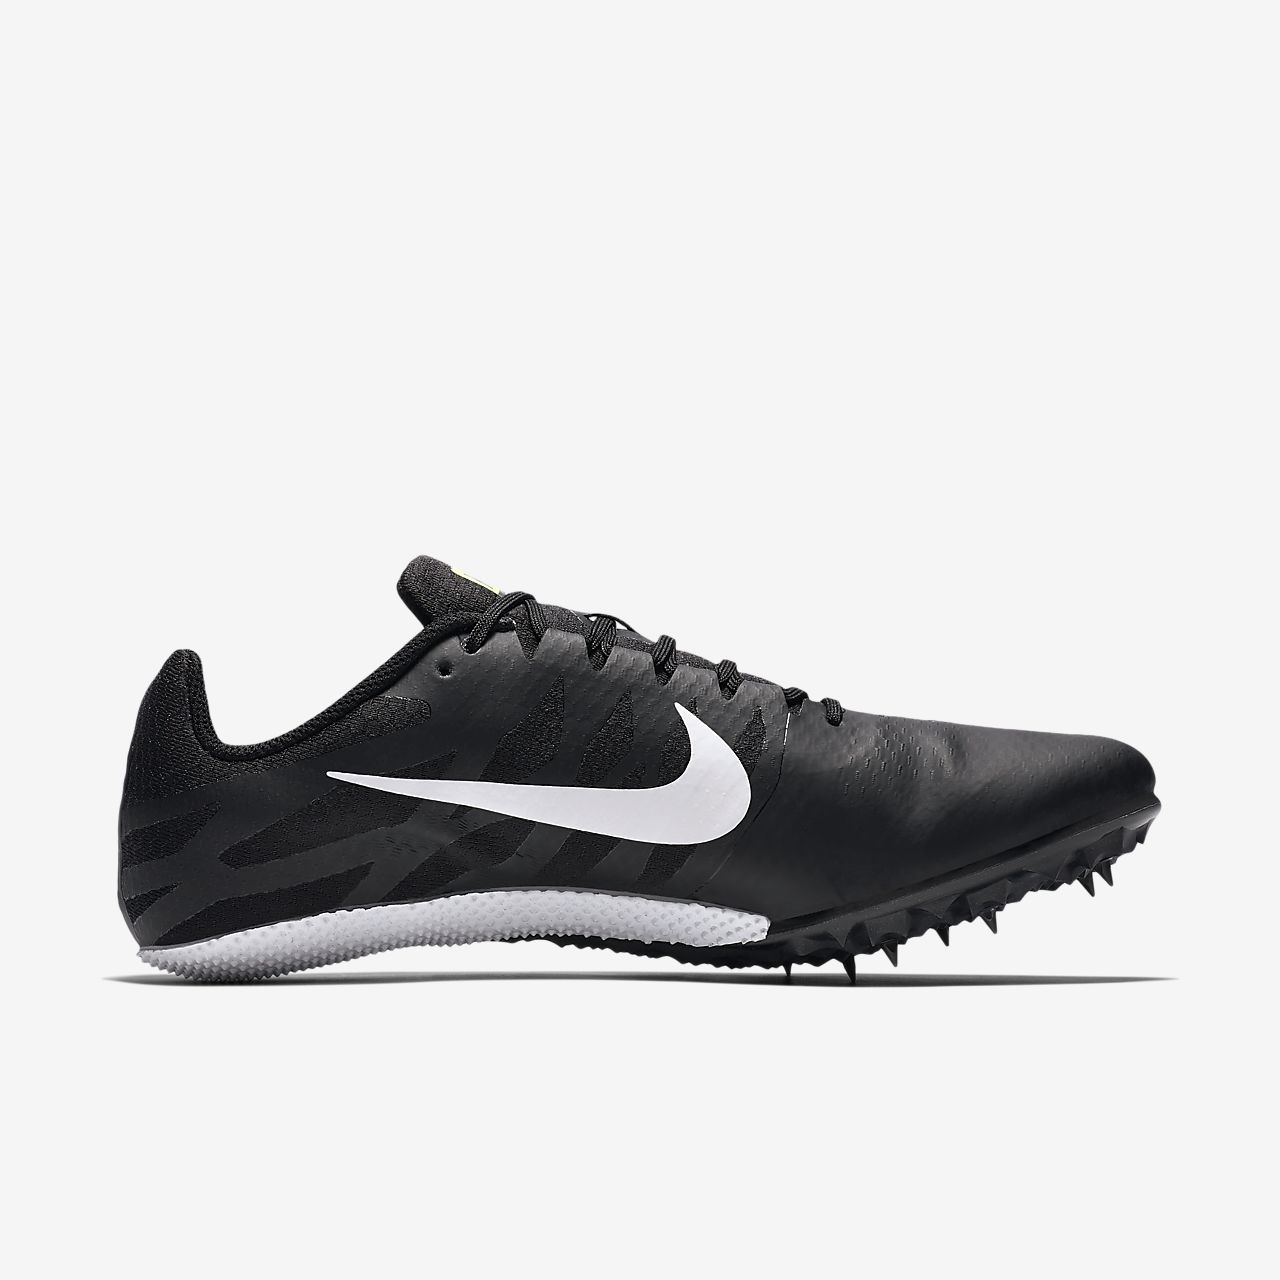 a7a248b0c4a Nike Zoom Rival S 9 Unisex Track Spike. Nike.com HU